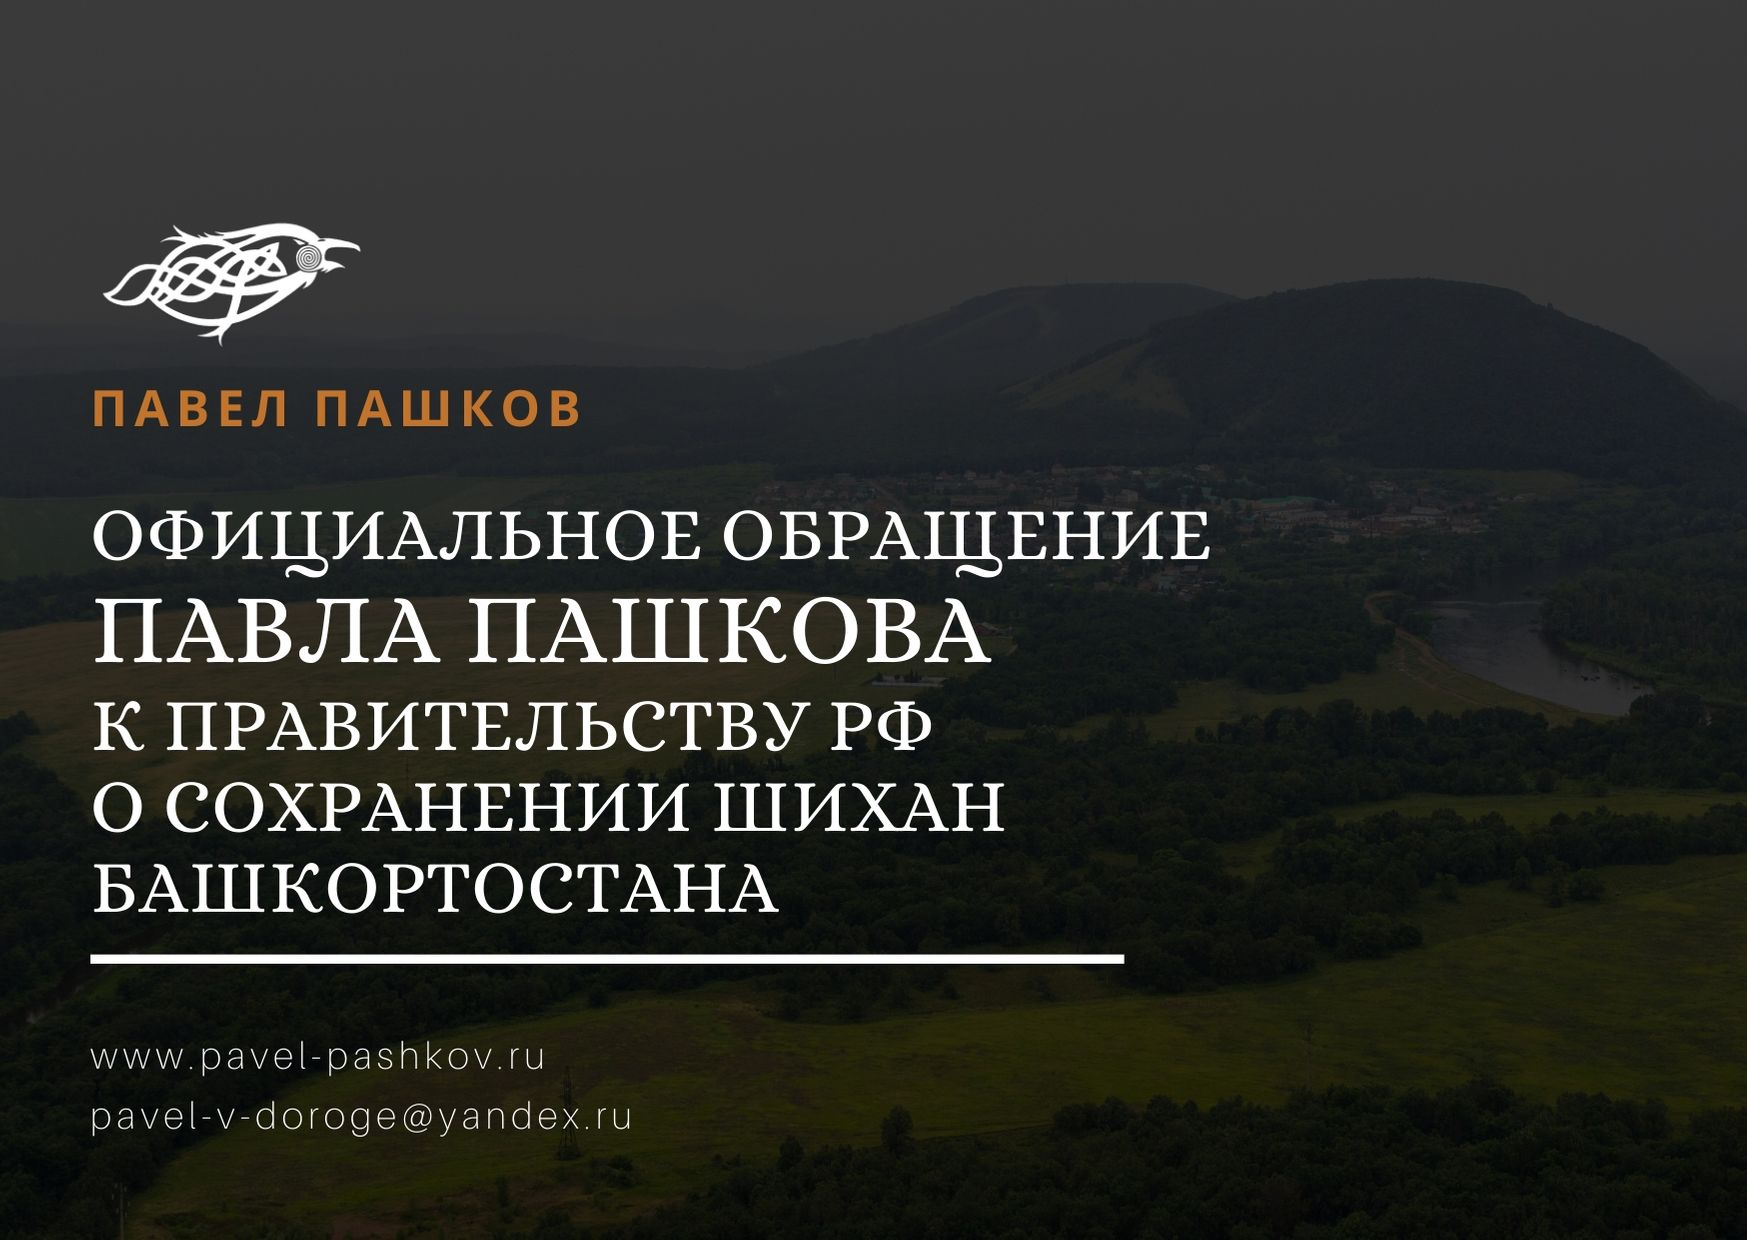 Официальное обращение Павла Пашкова к правительству РФ о сохранении шихан Башкортостана